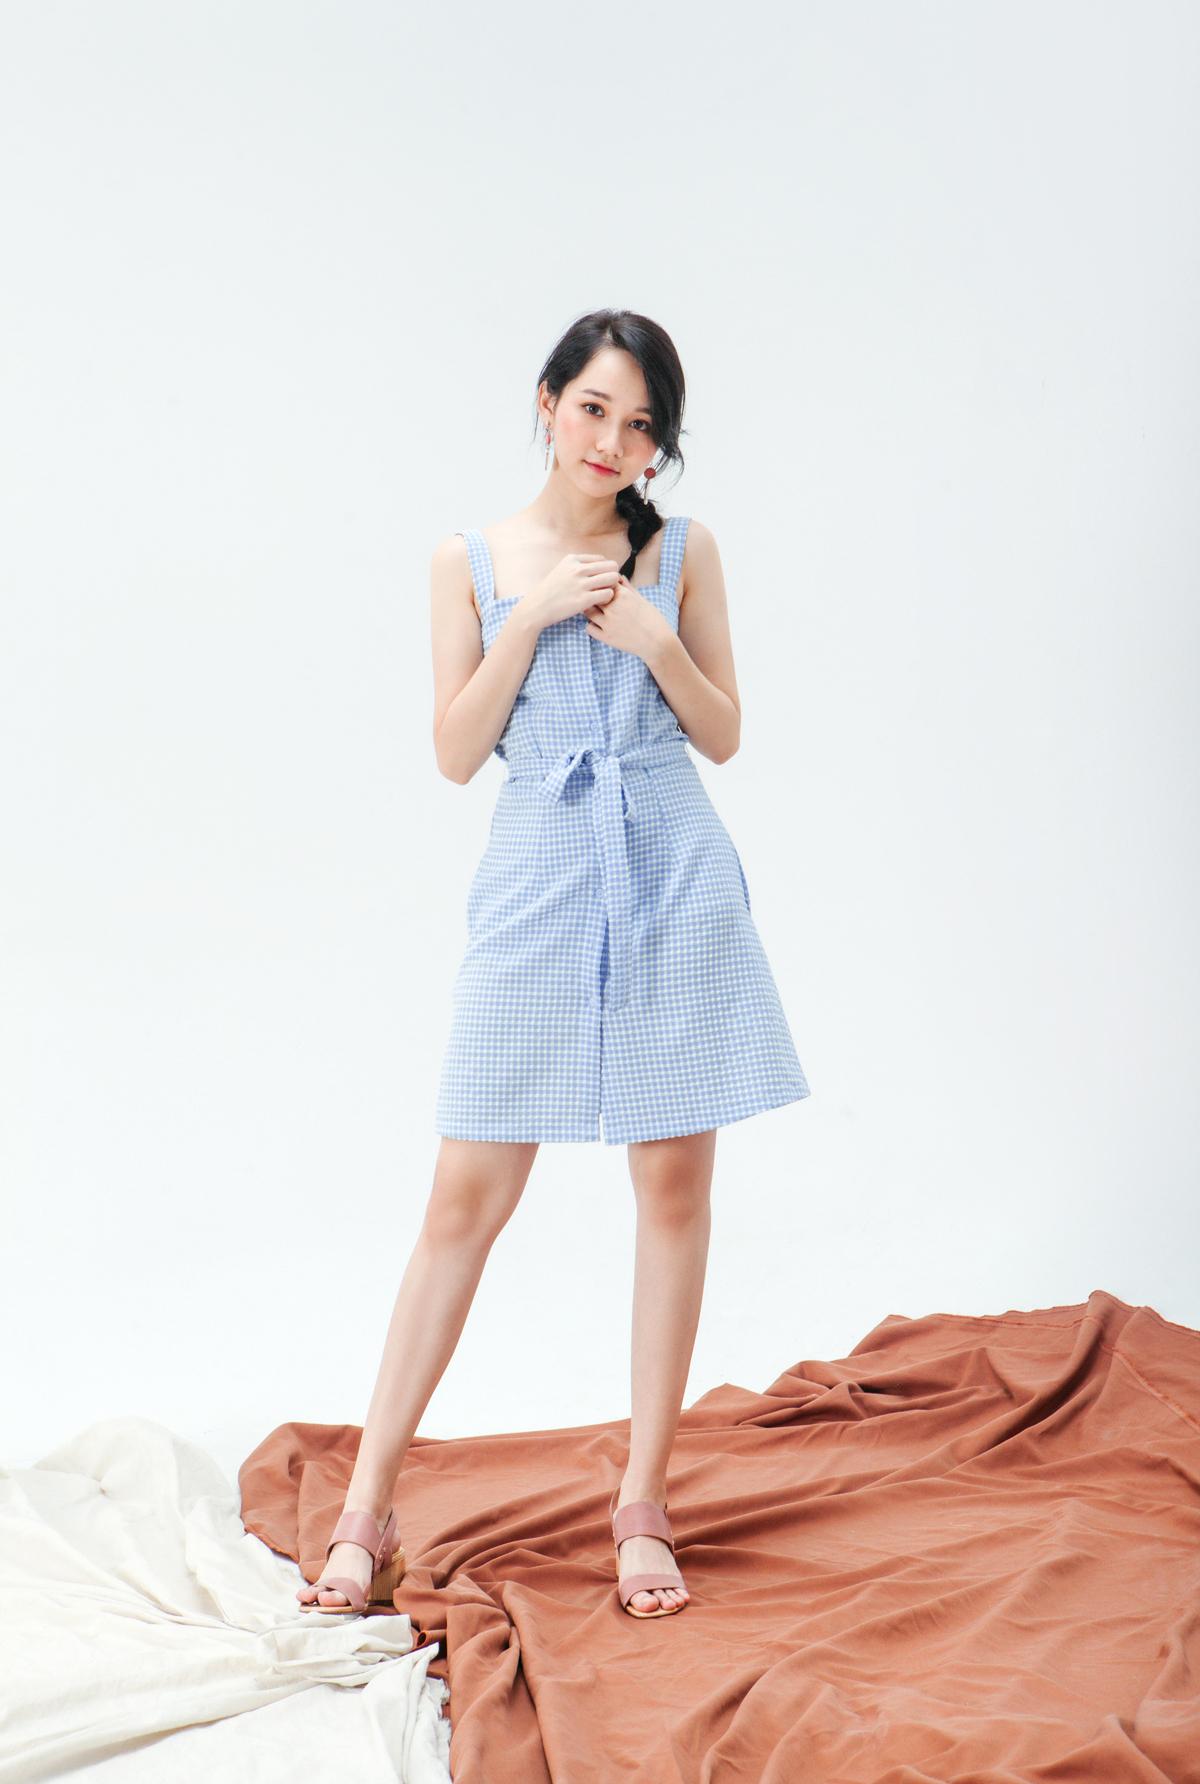 Đối lập phong cách với Huyền My, Trúc Anh chọn phong cách nữ tính với chiếc váy kẻ xanh, có thiết kế vát hai dây khoe thân hình mảnh mai.